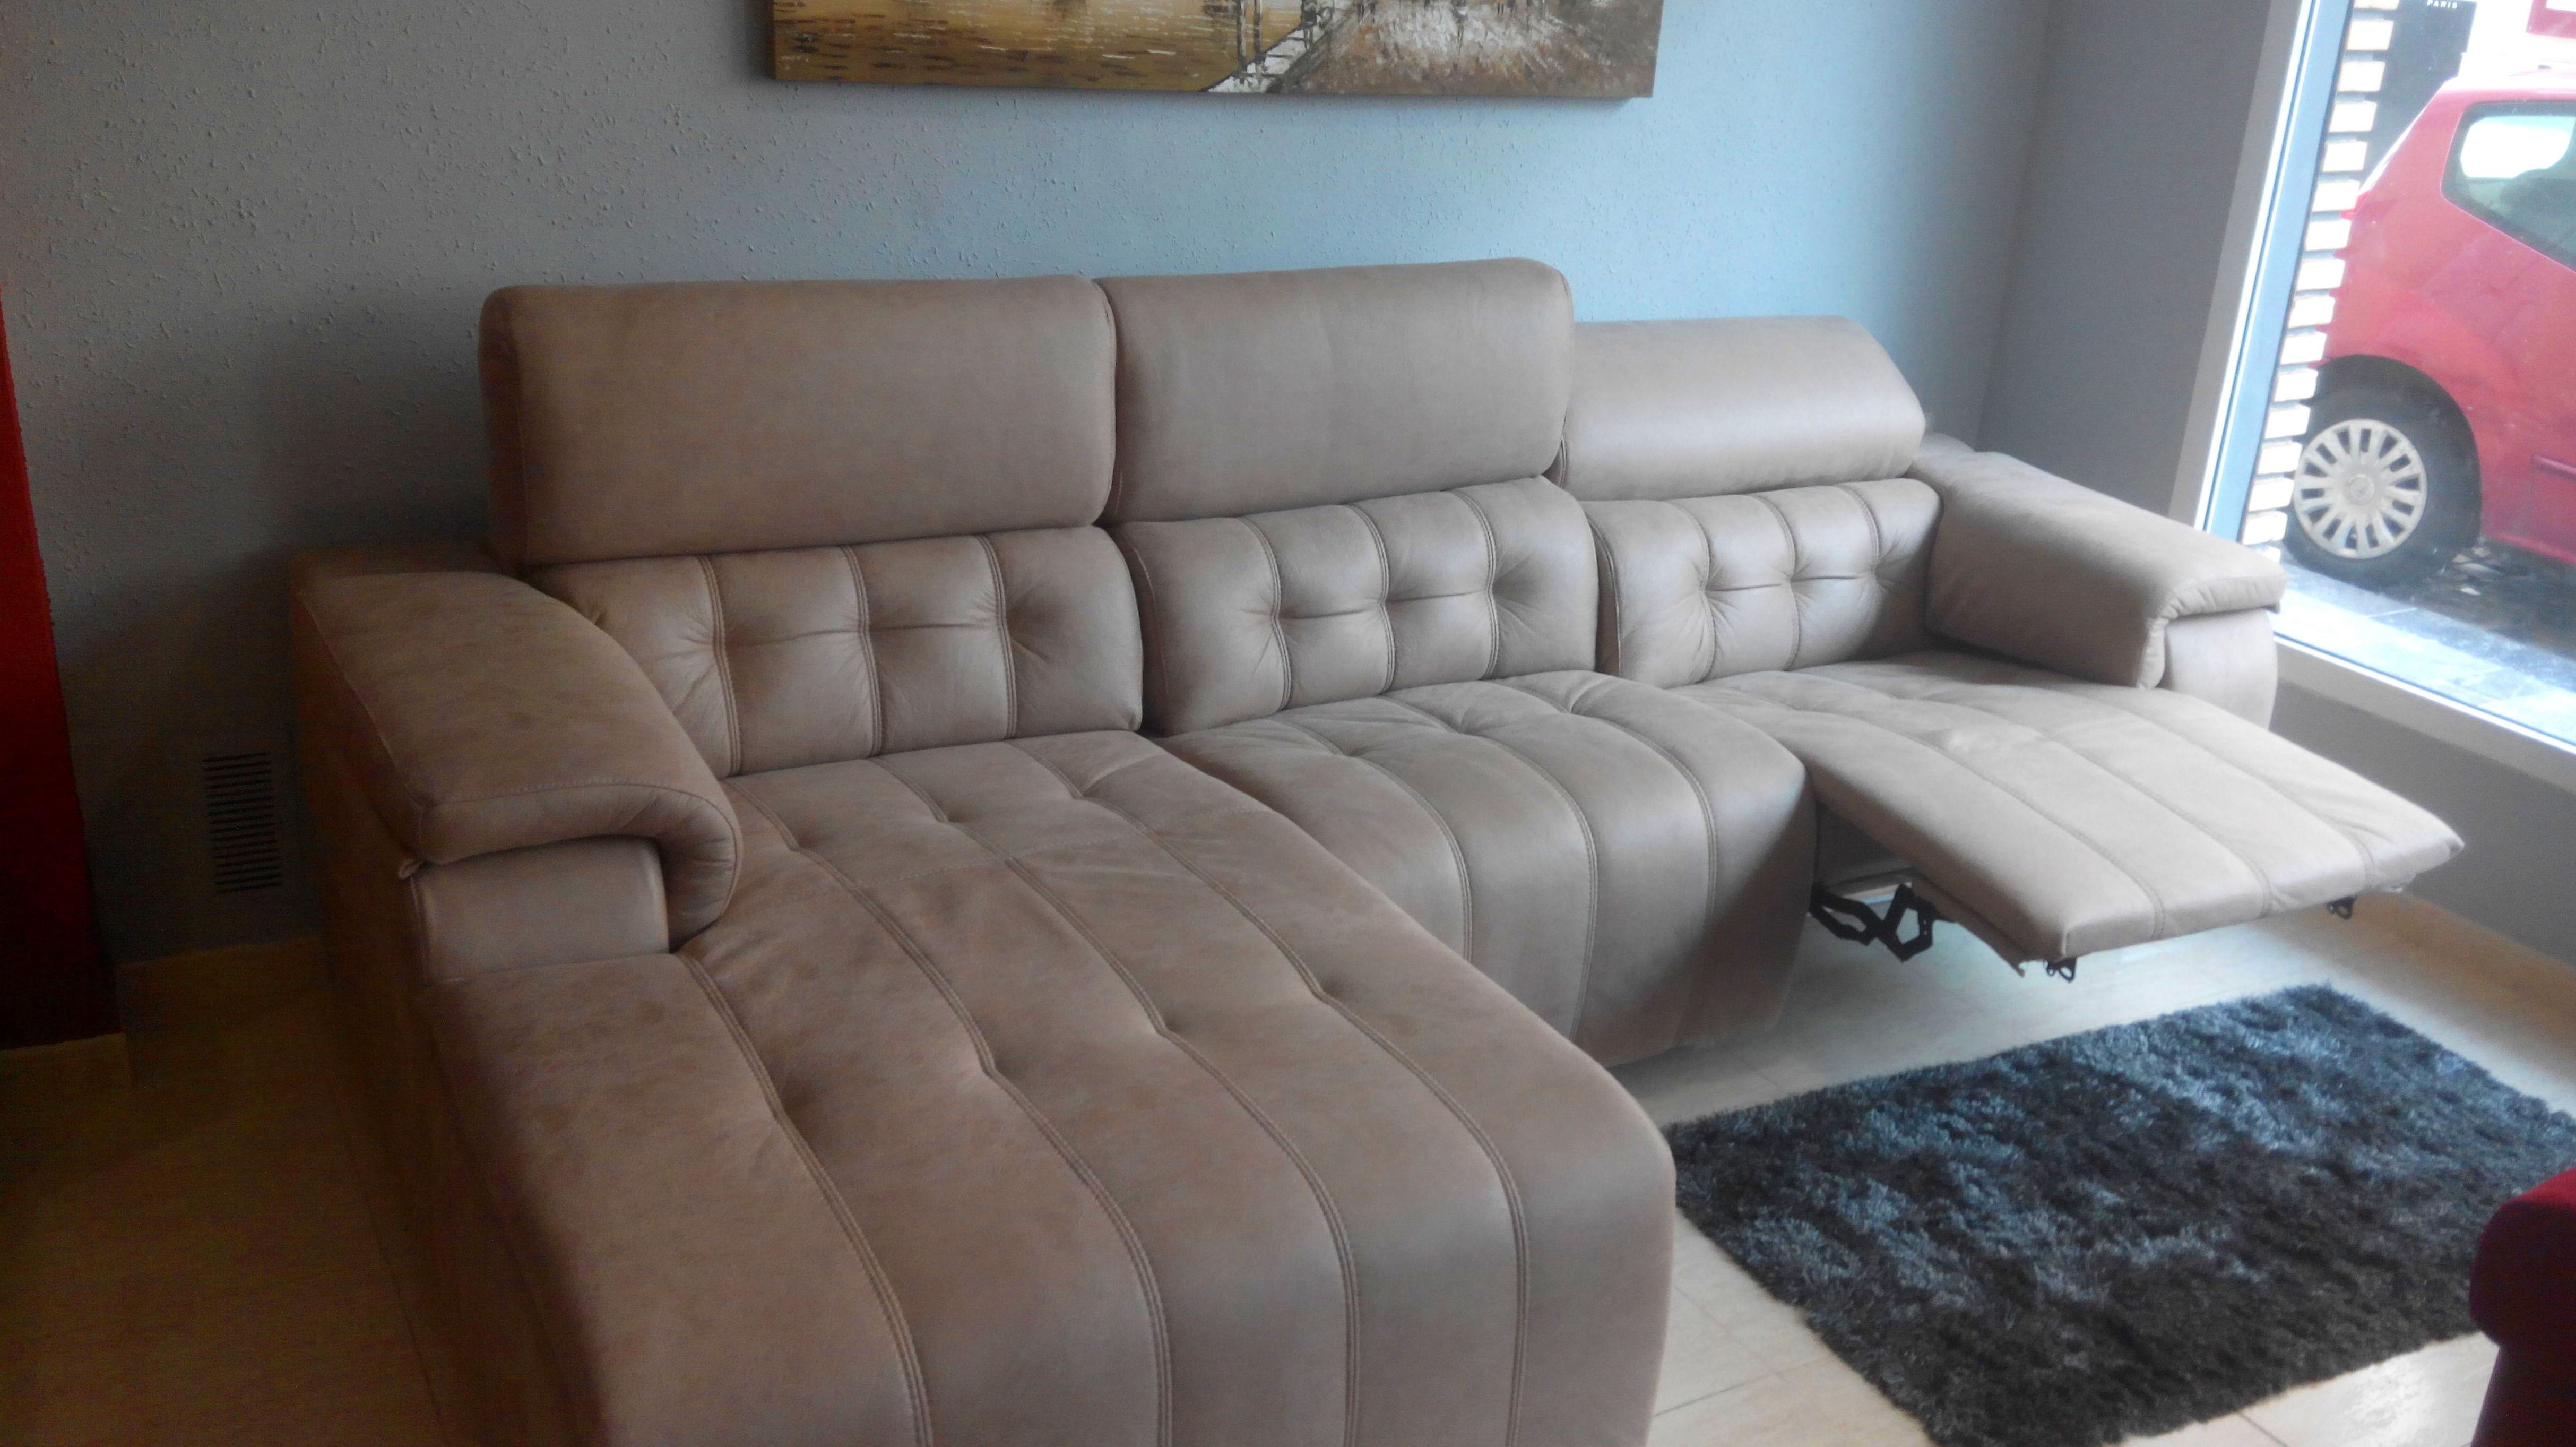 Foto 10 de Muebles y decoración en Sagunt | Muebles Llueca, S. L.